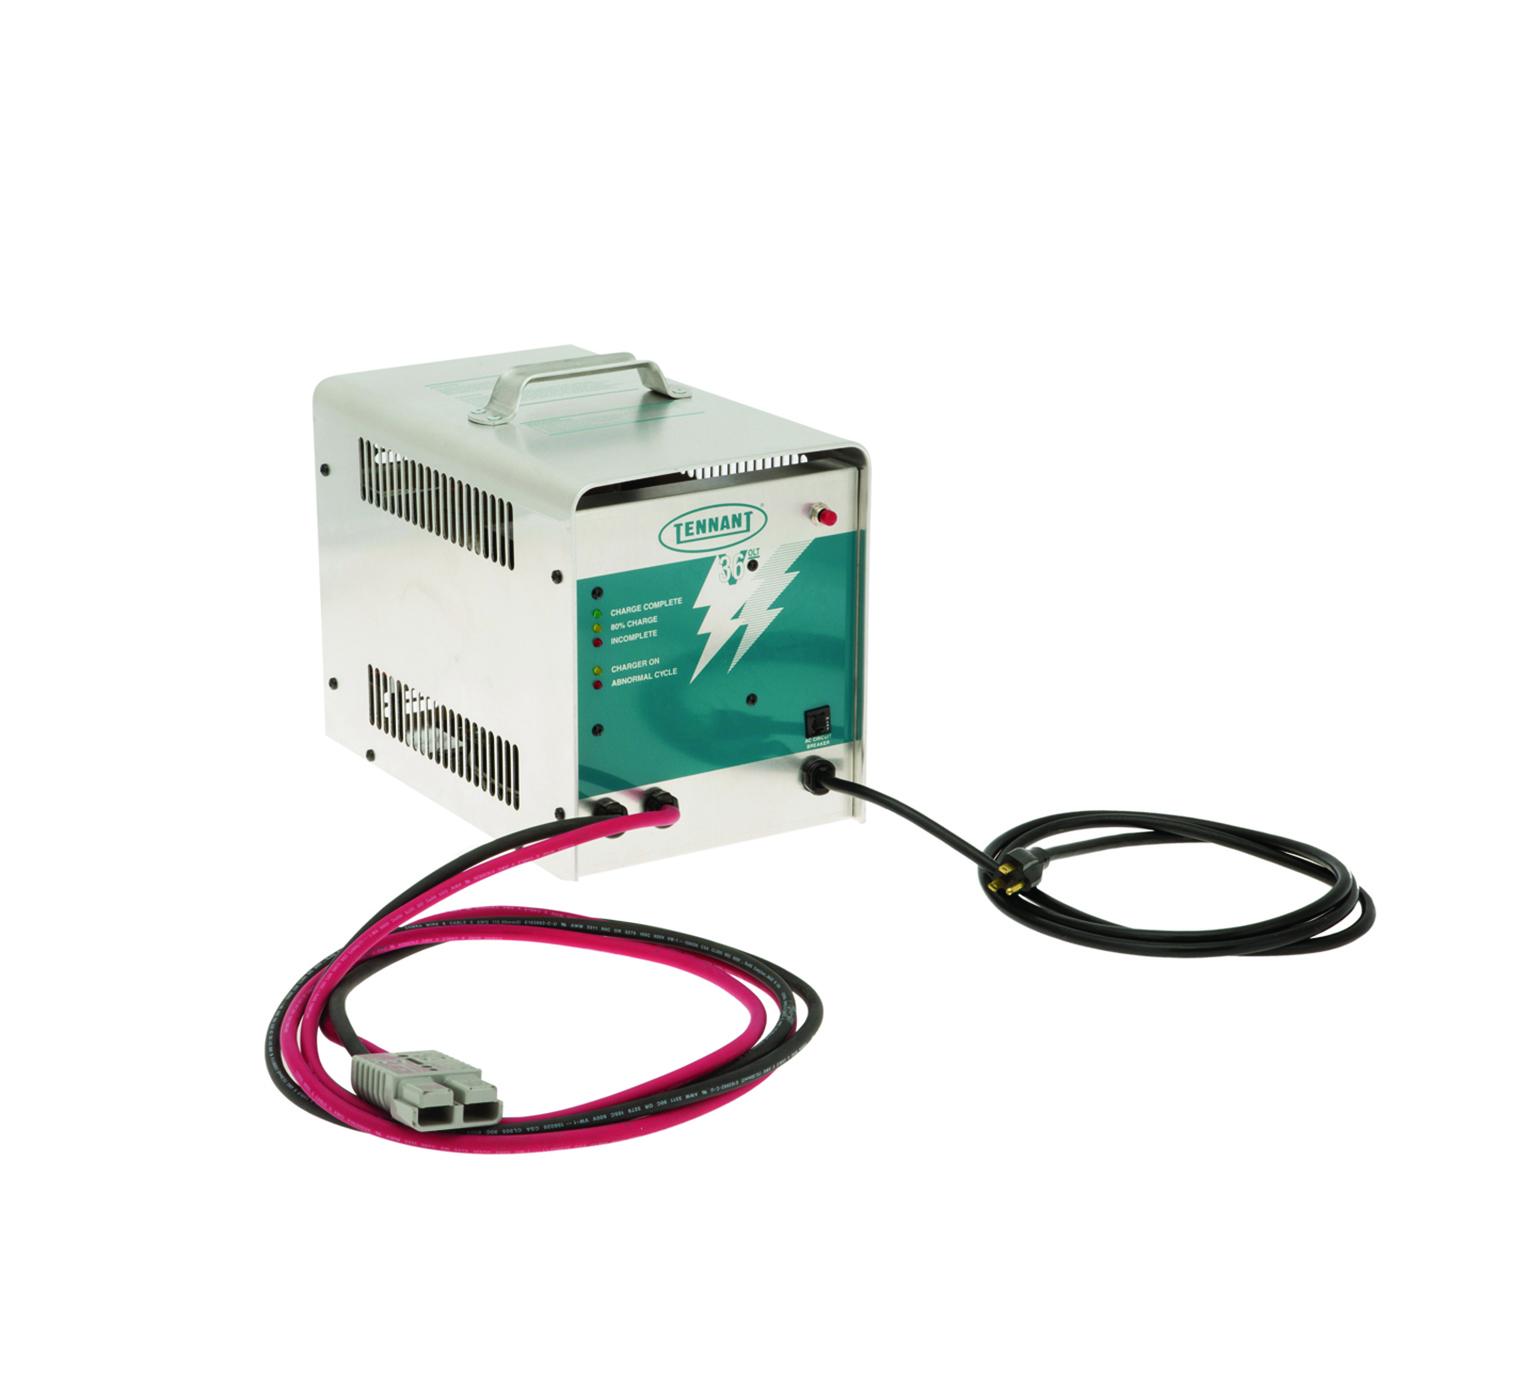 36 volt car air conditioning parts diagram tennanttrue mac 30 amp offboard charger pn 223683 alt 1